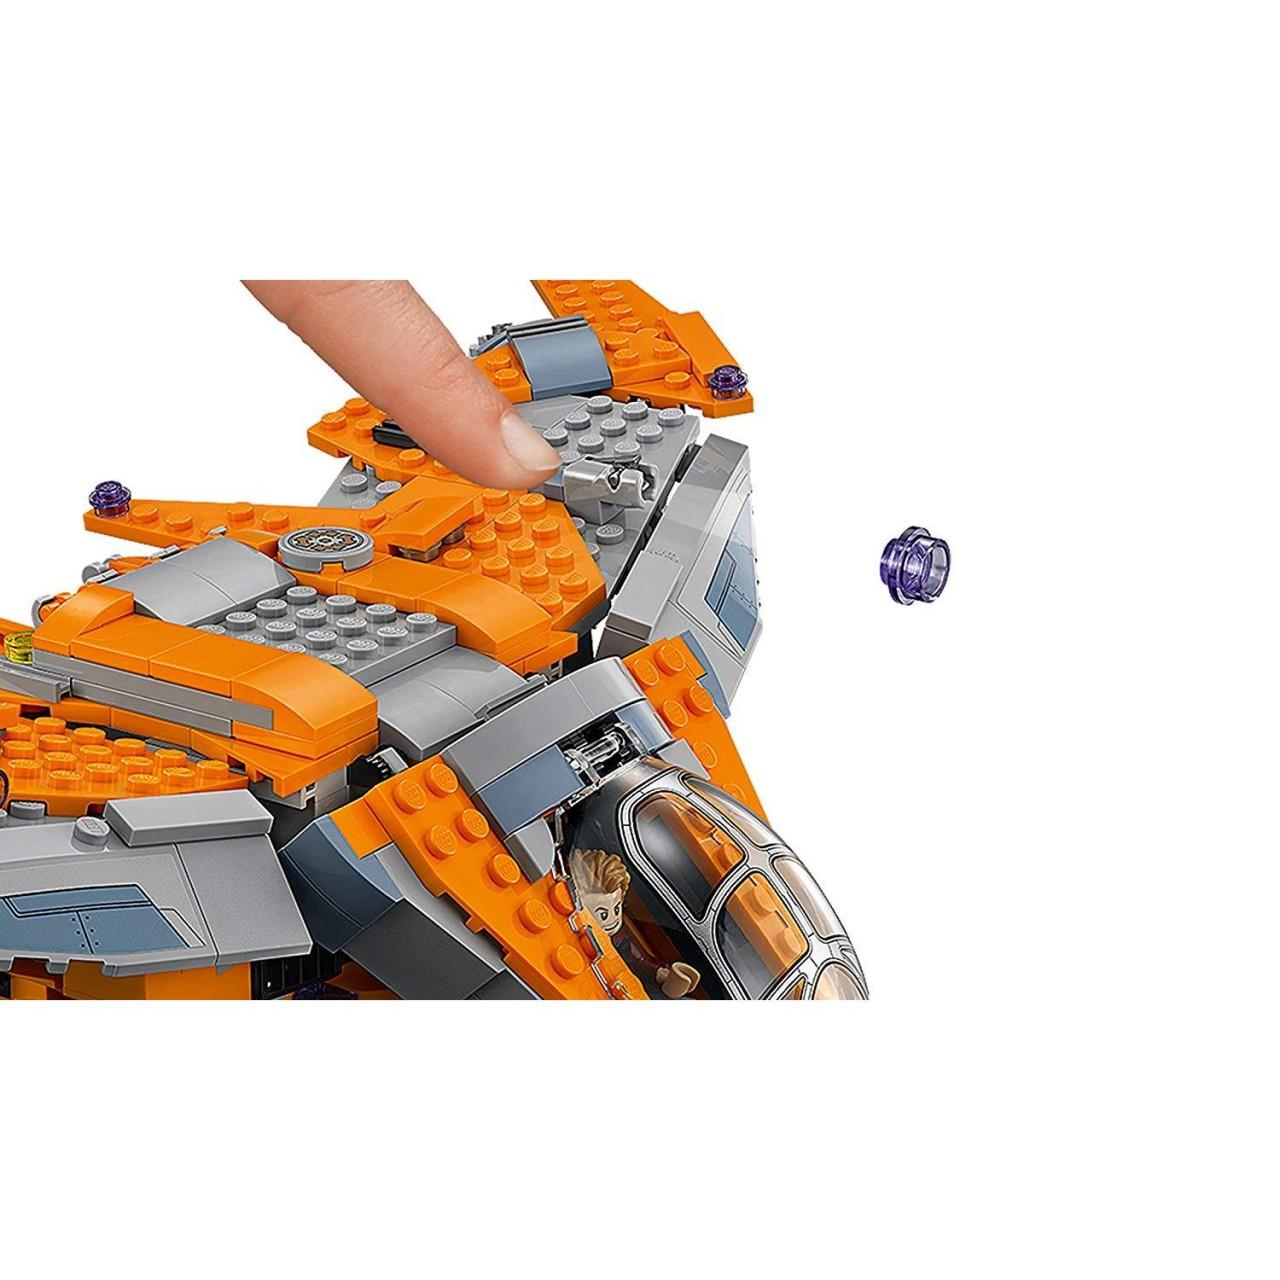 LEGO MARVEL SUPER HEROES 76107 Thanos: Das ultimative Gefecht